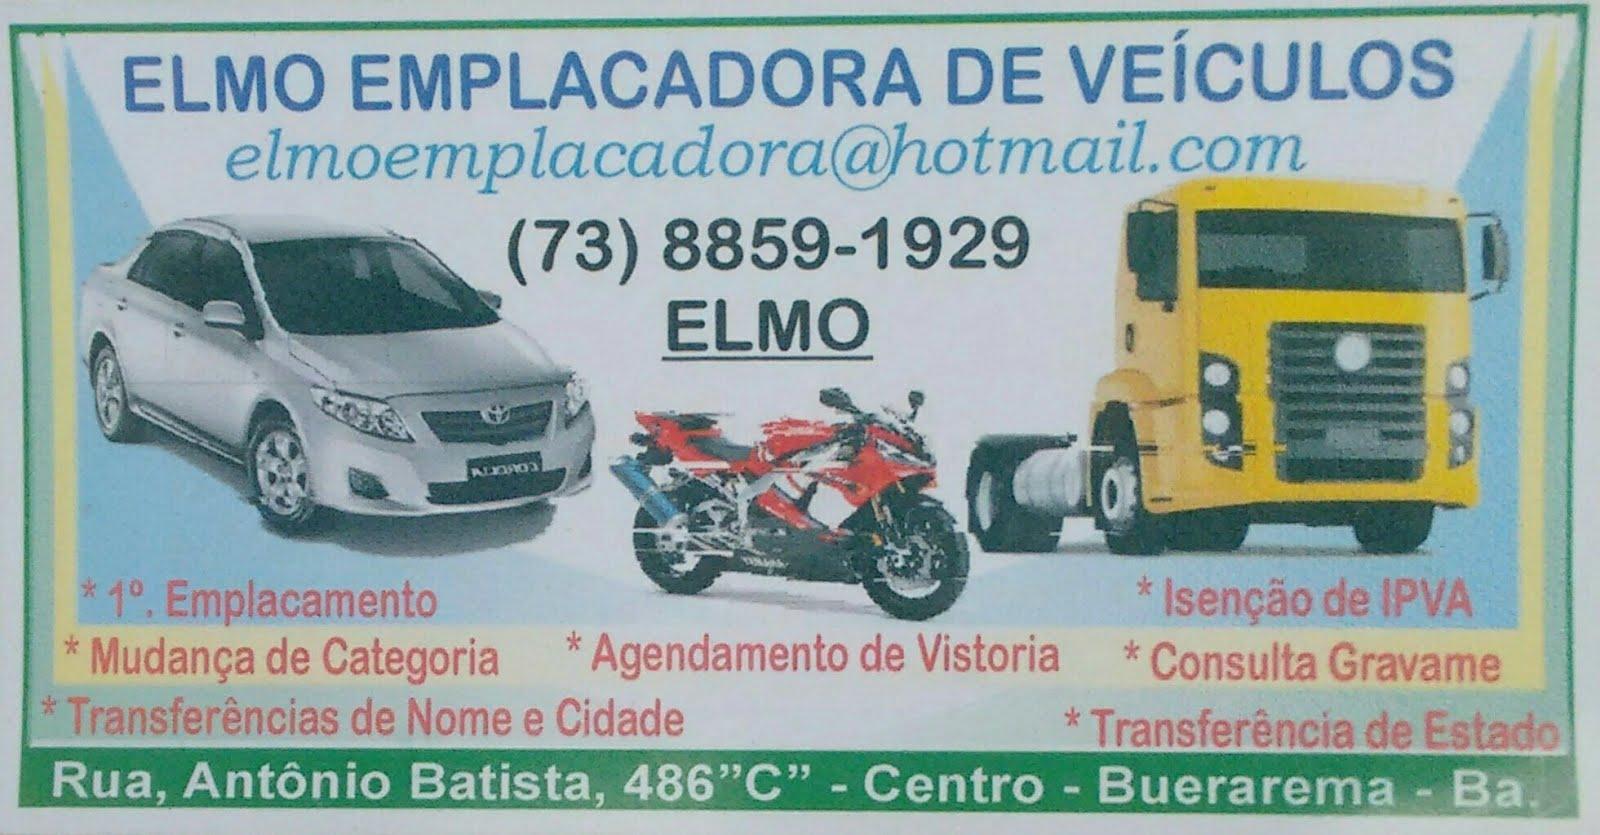 ELMO EMPLACADORA DE VEÍCULOS